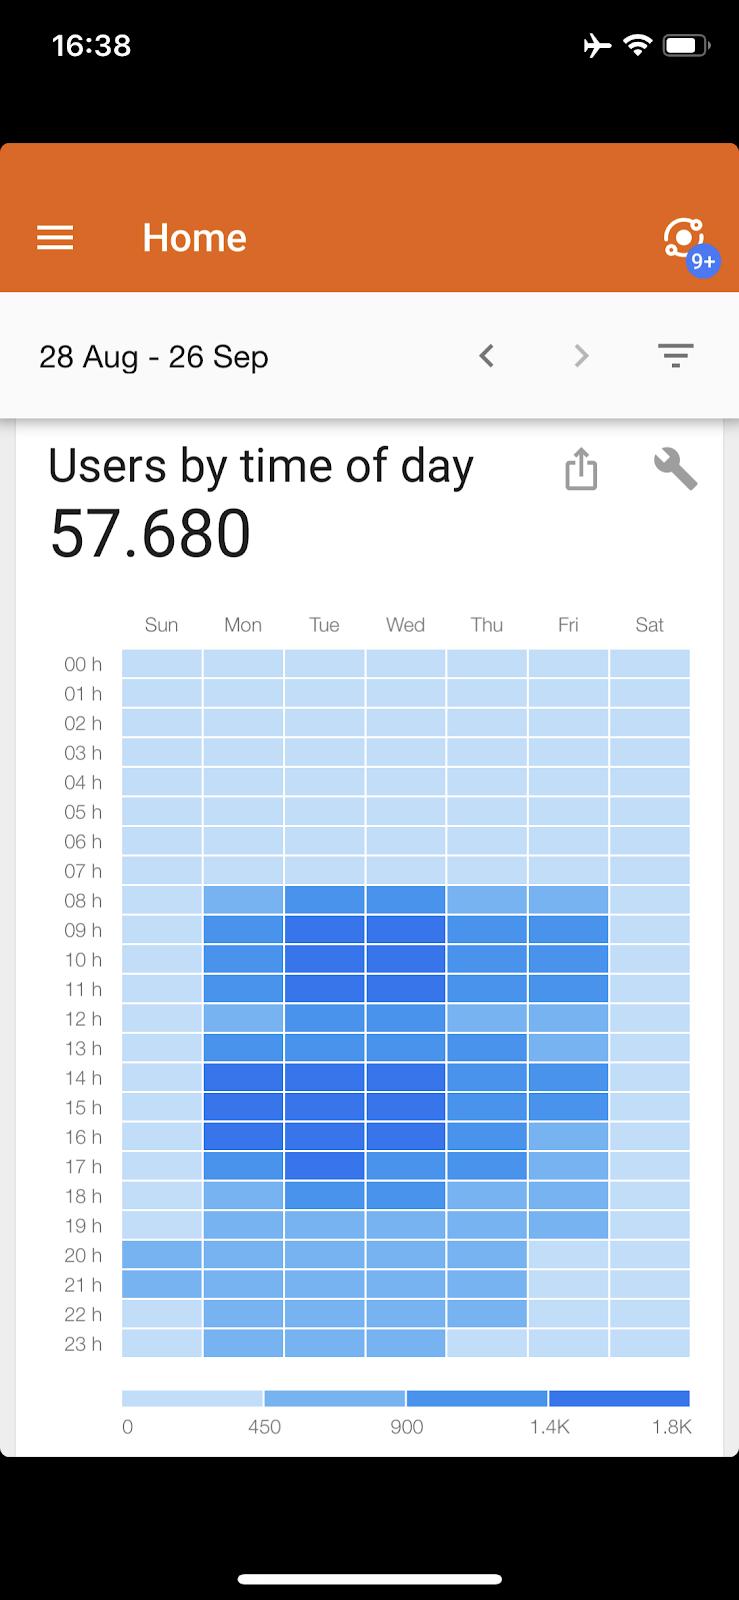 Usuários por dia e horário